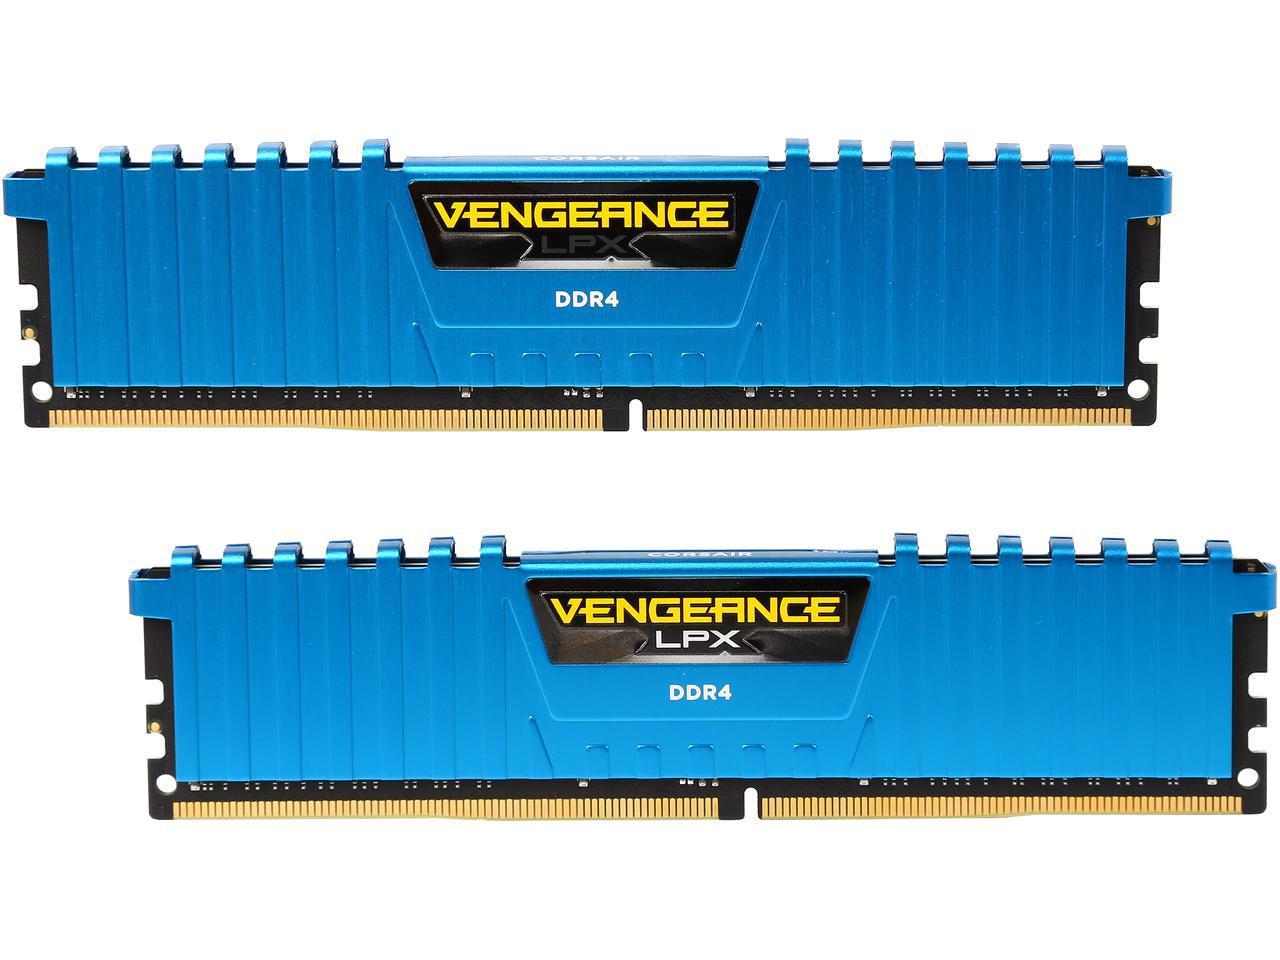 CORSAIR Vengeance LPX 16GB (2 x 8GB) 288-Pin DDR4 SDRAM DDR4 3000 $169.97 FS